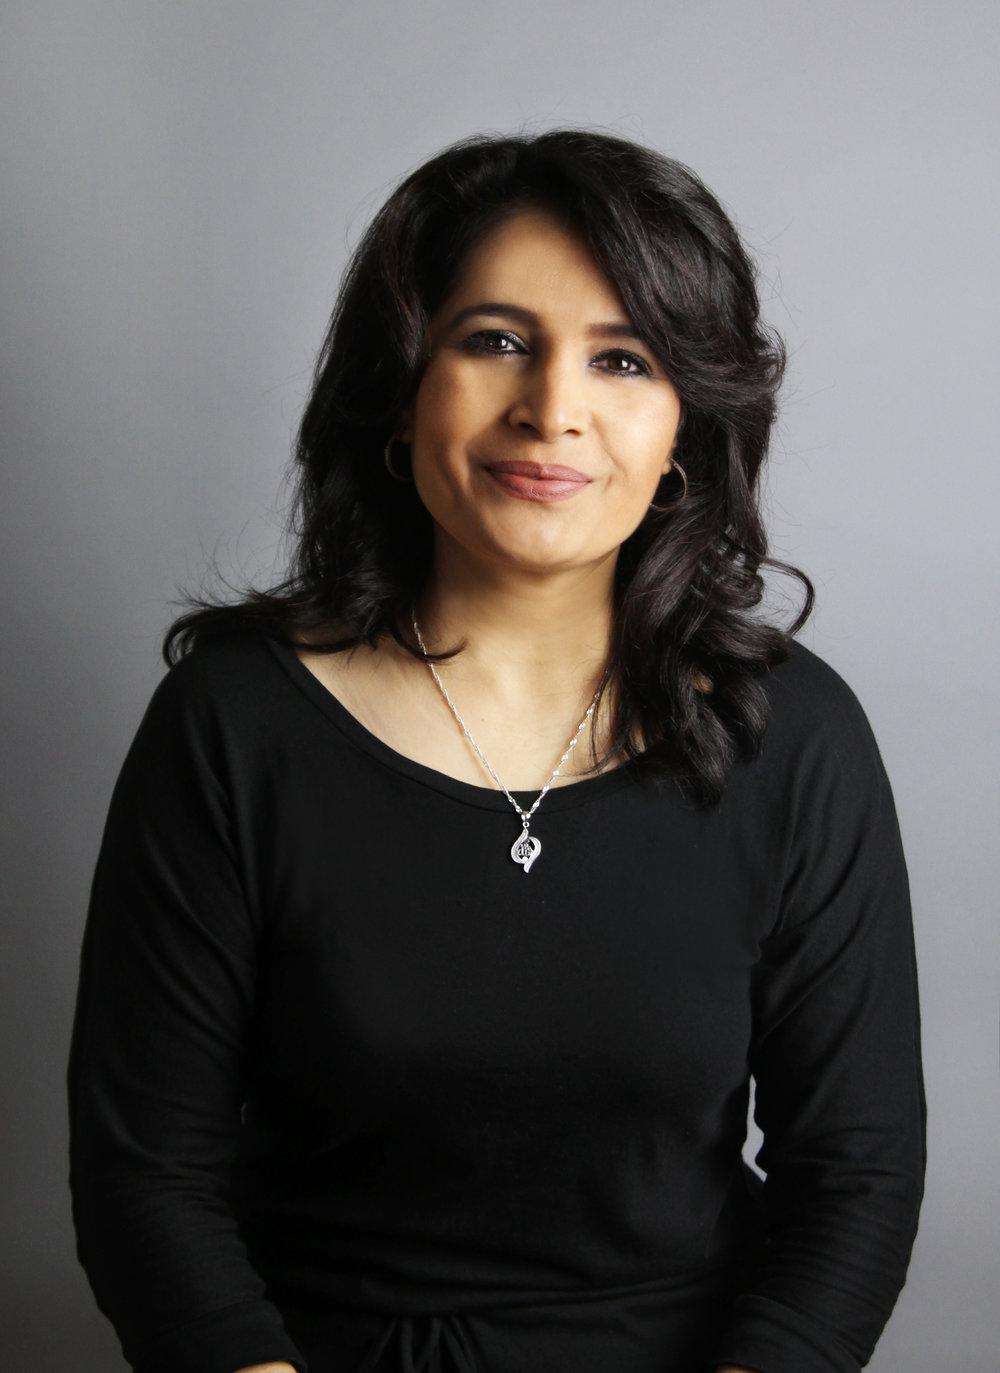 Nabila Qurbanali, Stylist & Brow Specialist